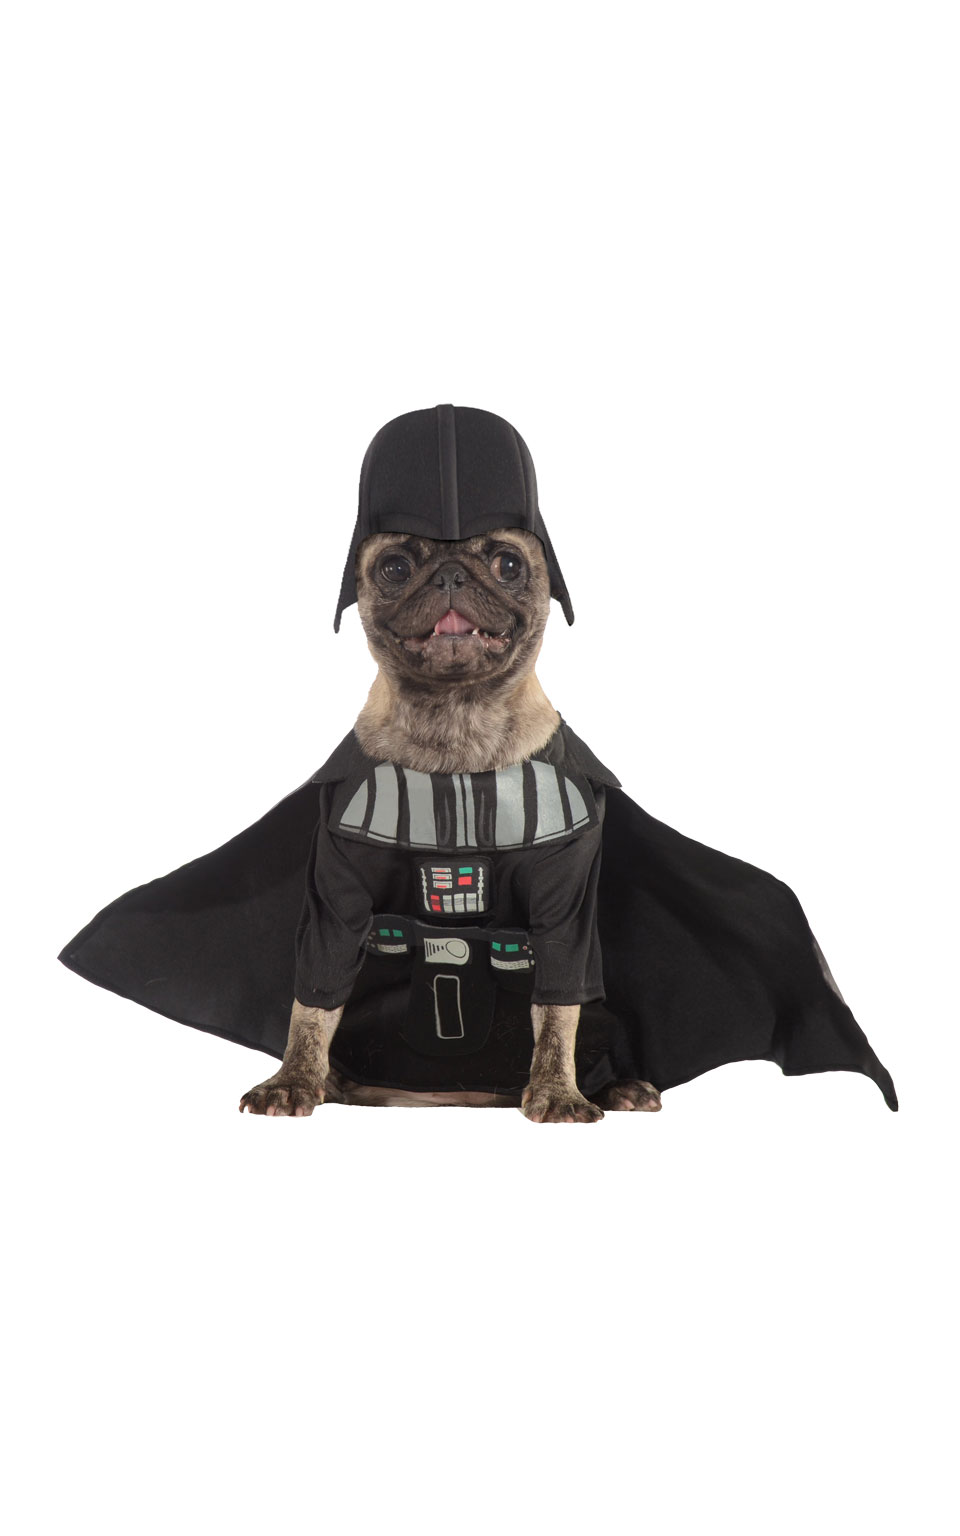 Star Wars Hunddräkt Darth Vader